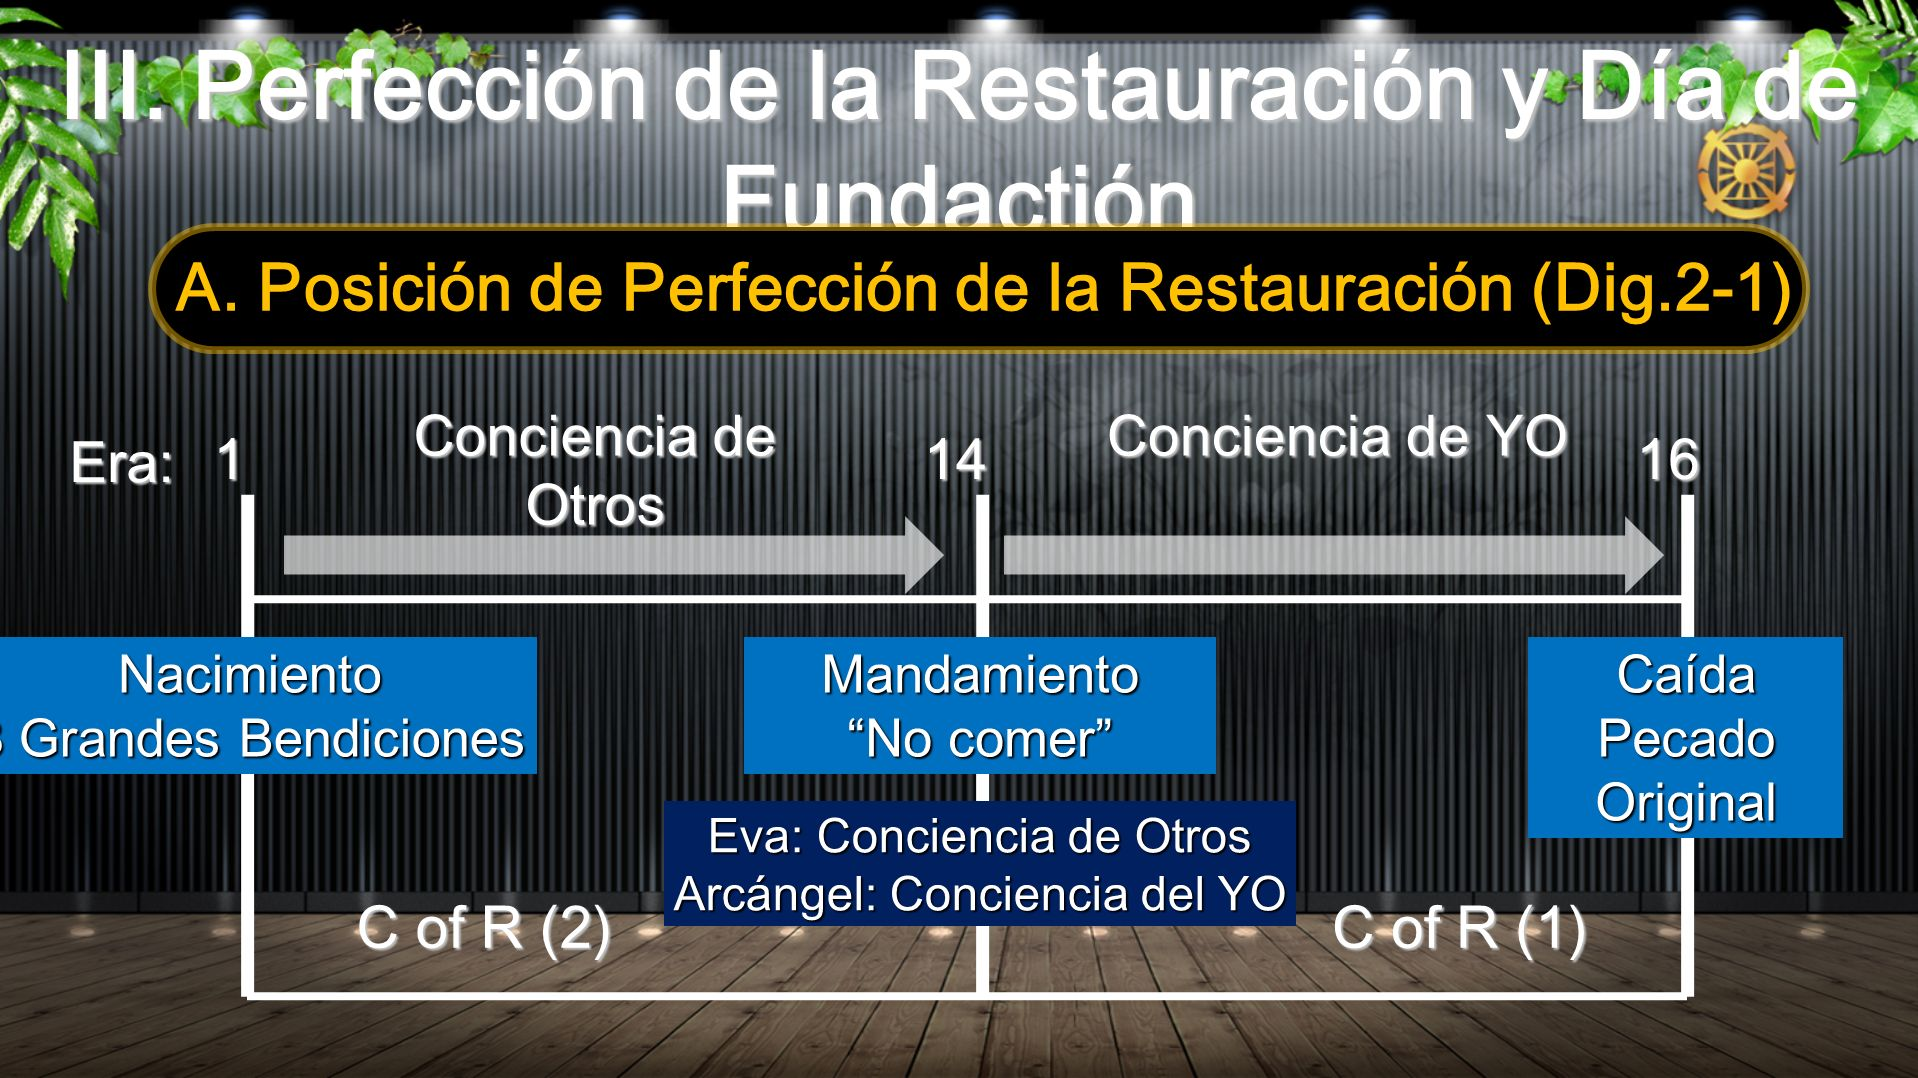 III. Perfección de la Restauración y Día de Fundactión